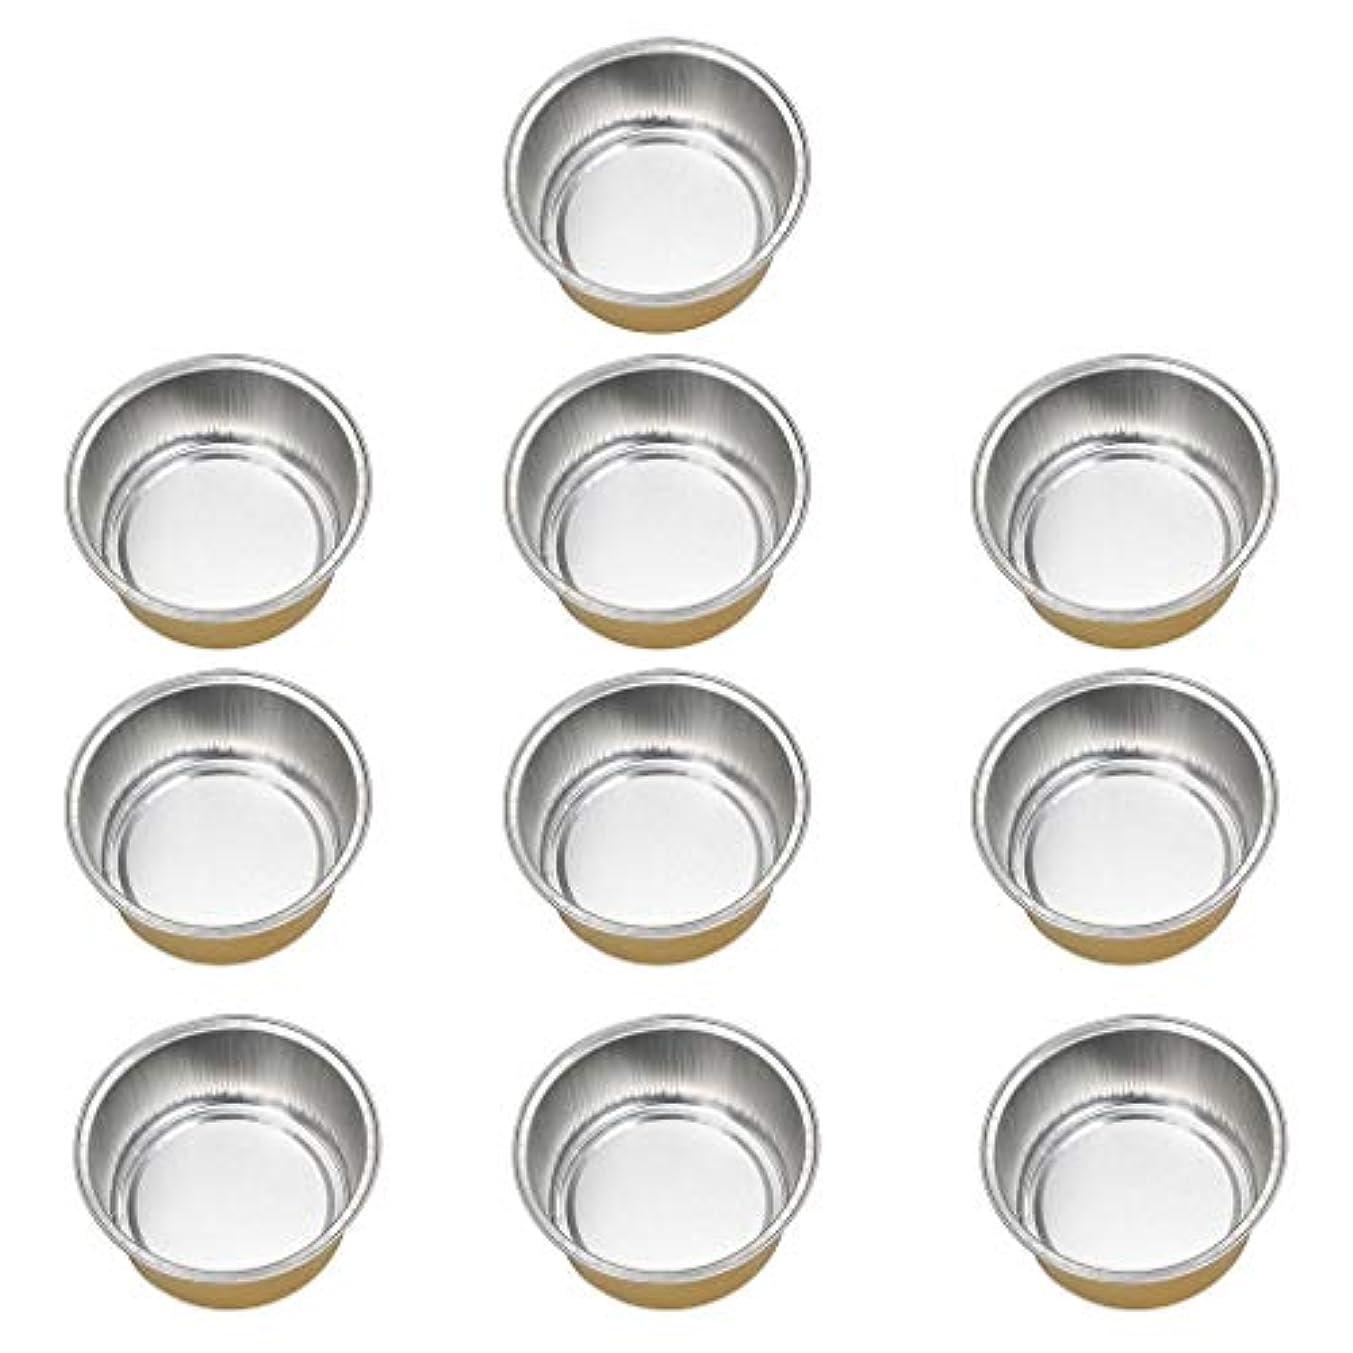 受け入れた遵守するフィールドFLAMEER 10個 ワックスボウル ミニボウル アルミホイルボウル ワックス豆体 溶融 衛生的 2種選ぶ - ゴールデン2, 02